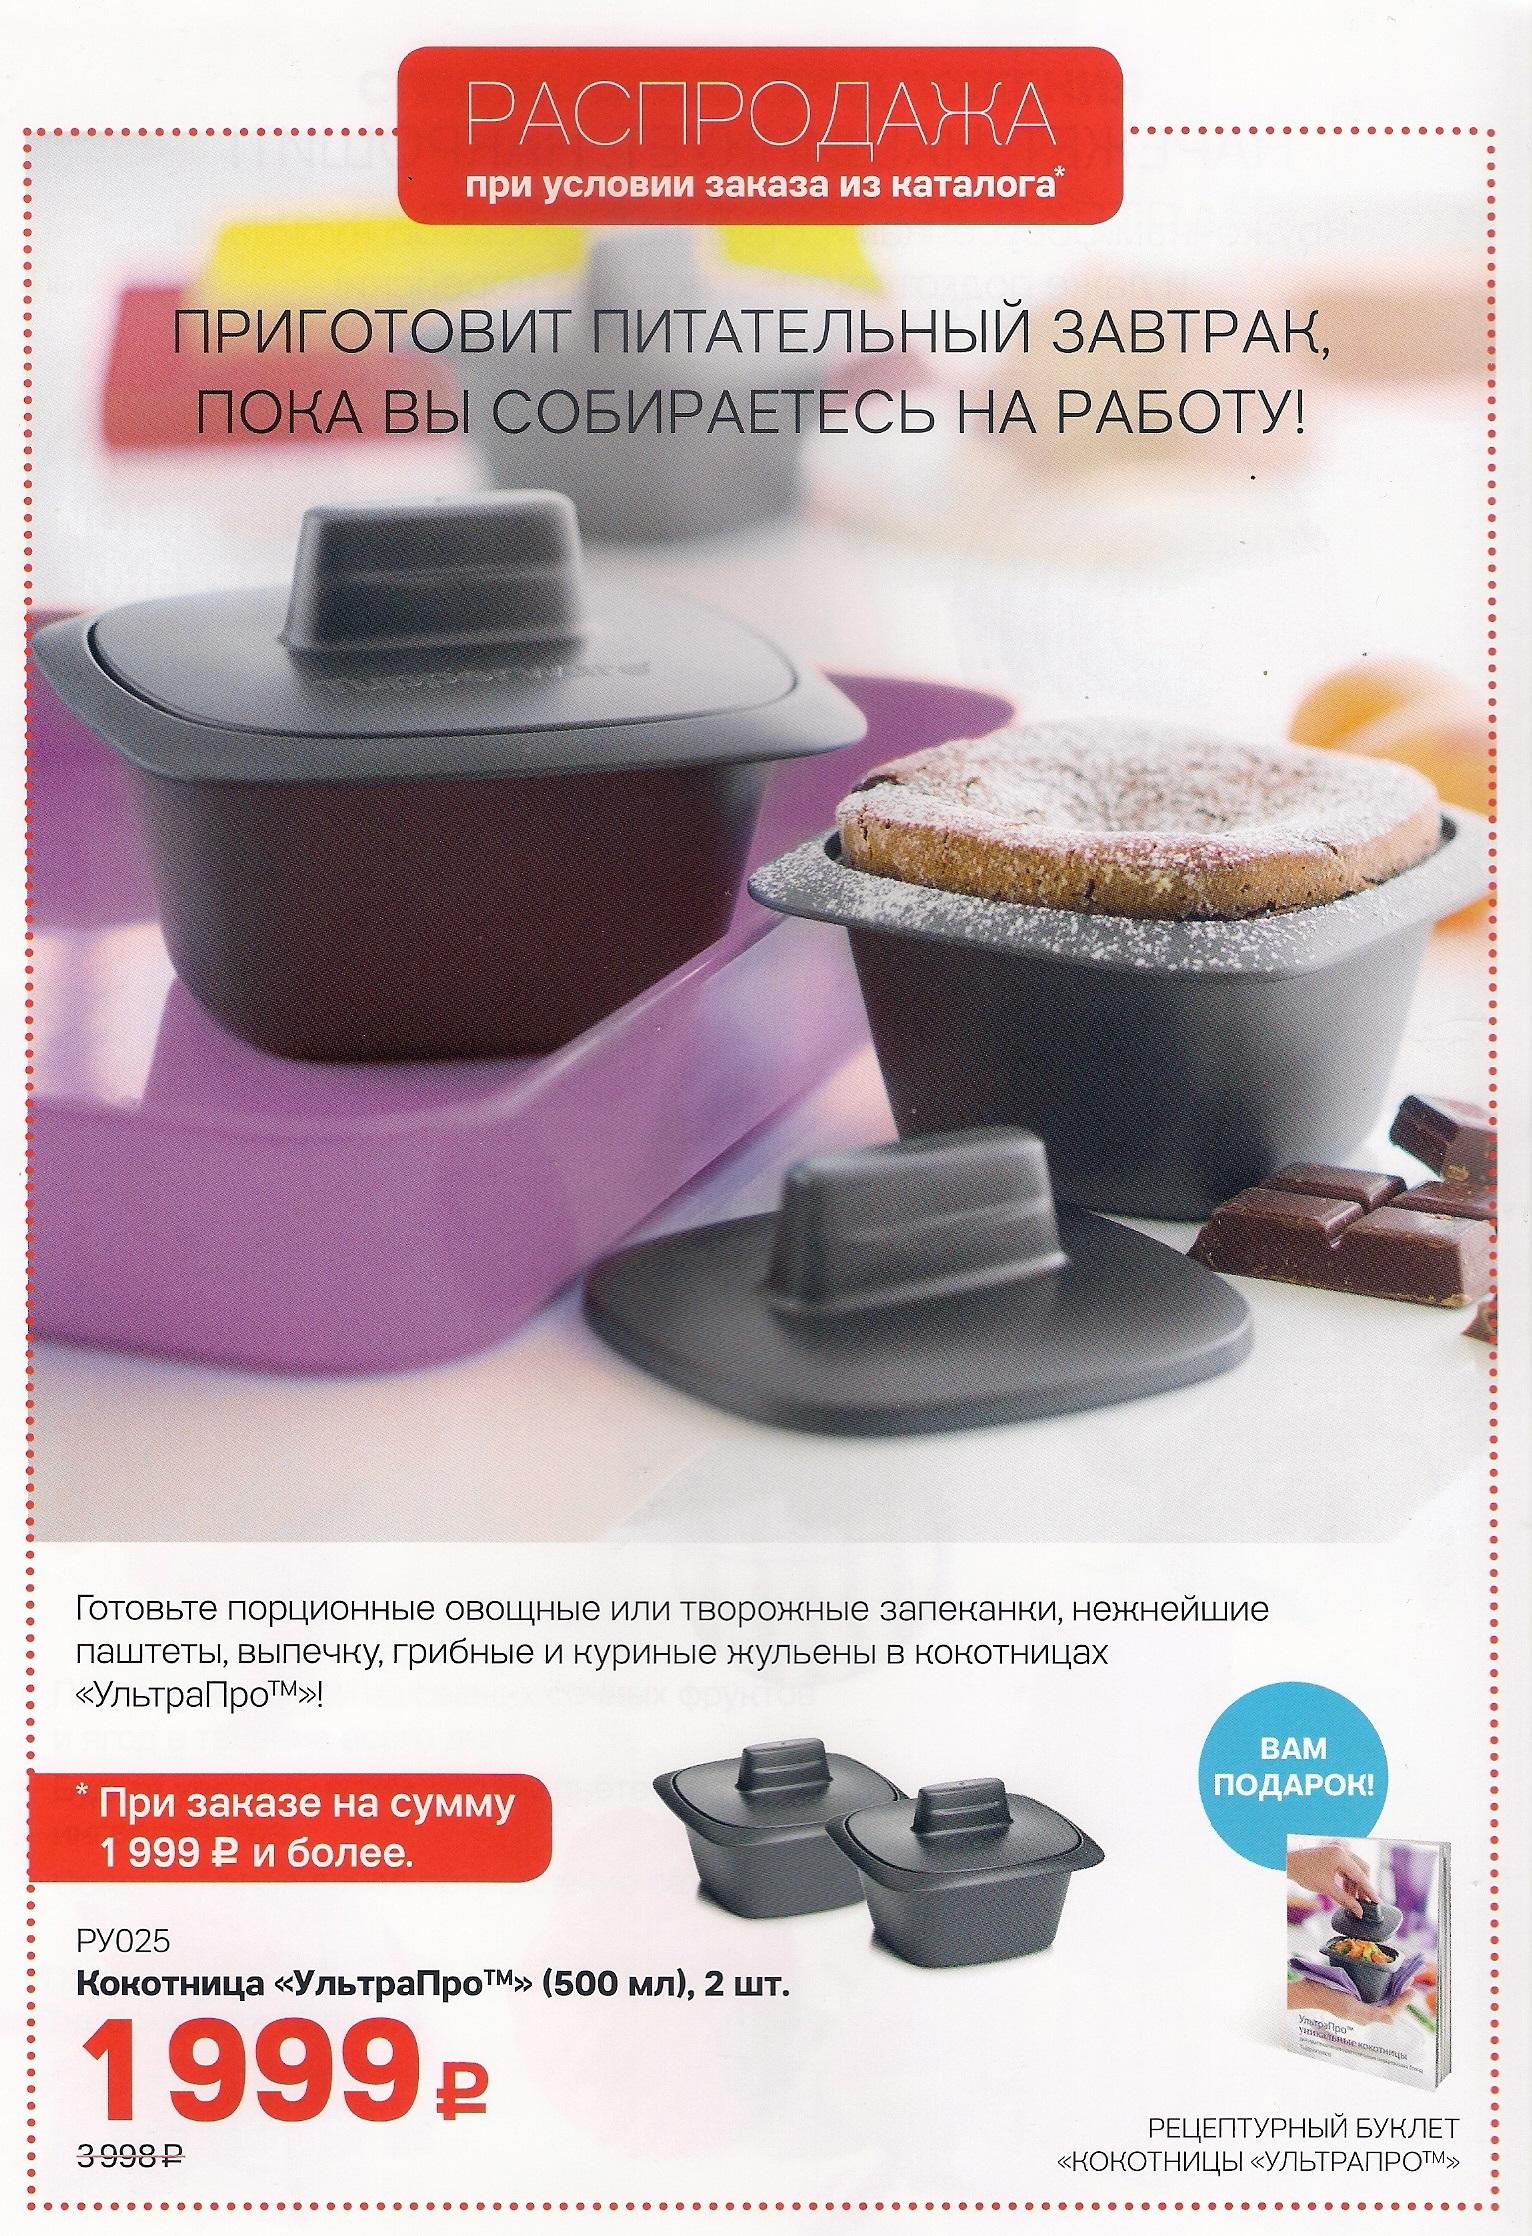 https://tupperware-online.ru/images/upload/7n.jpg